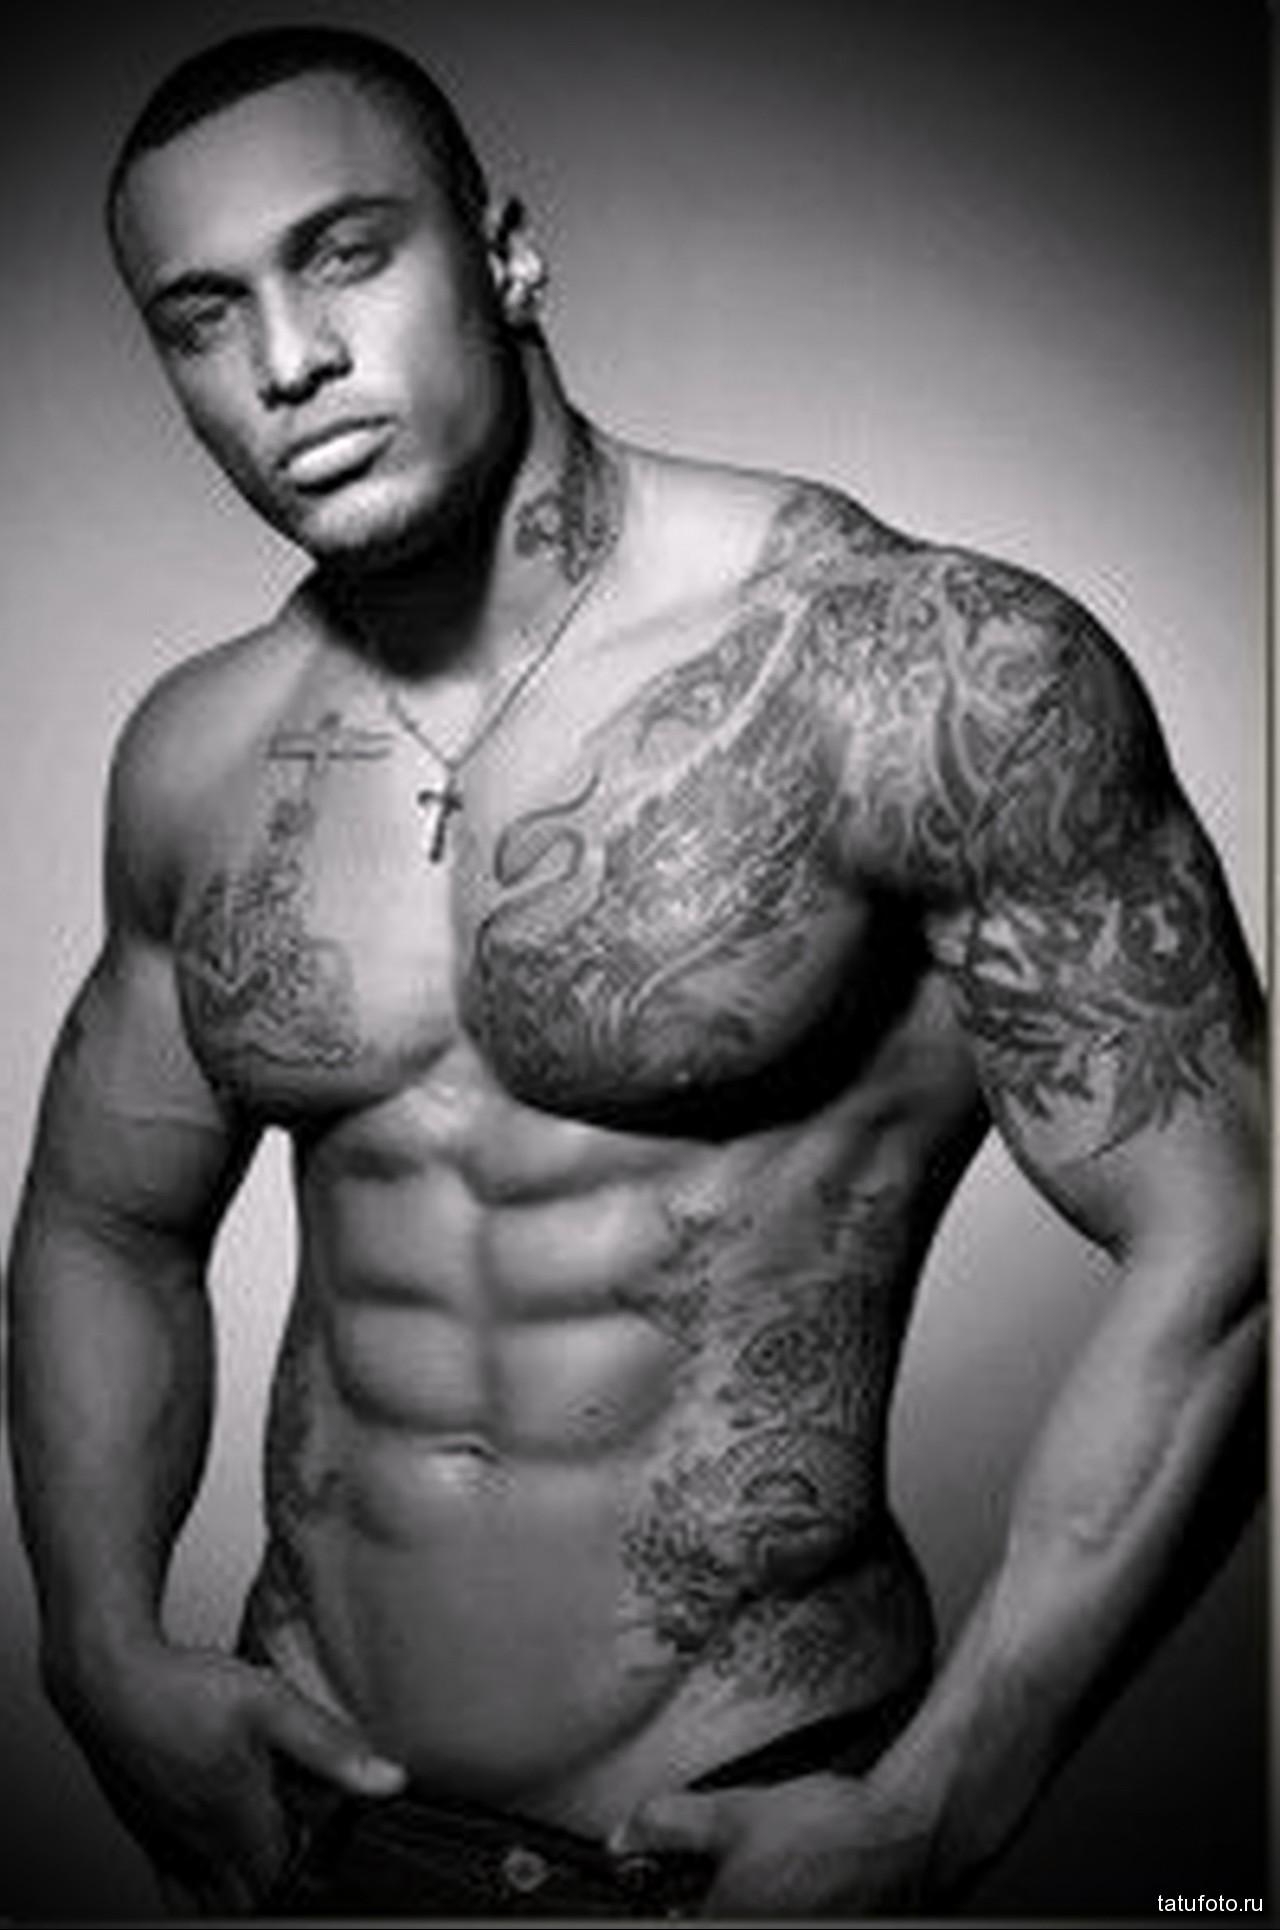 тату у подкачанного афроамериканца - мужская татуировка на плече